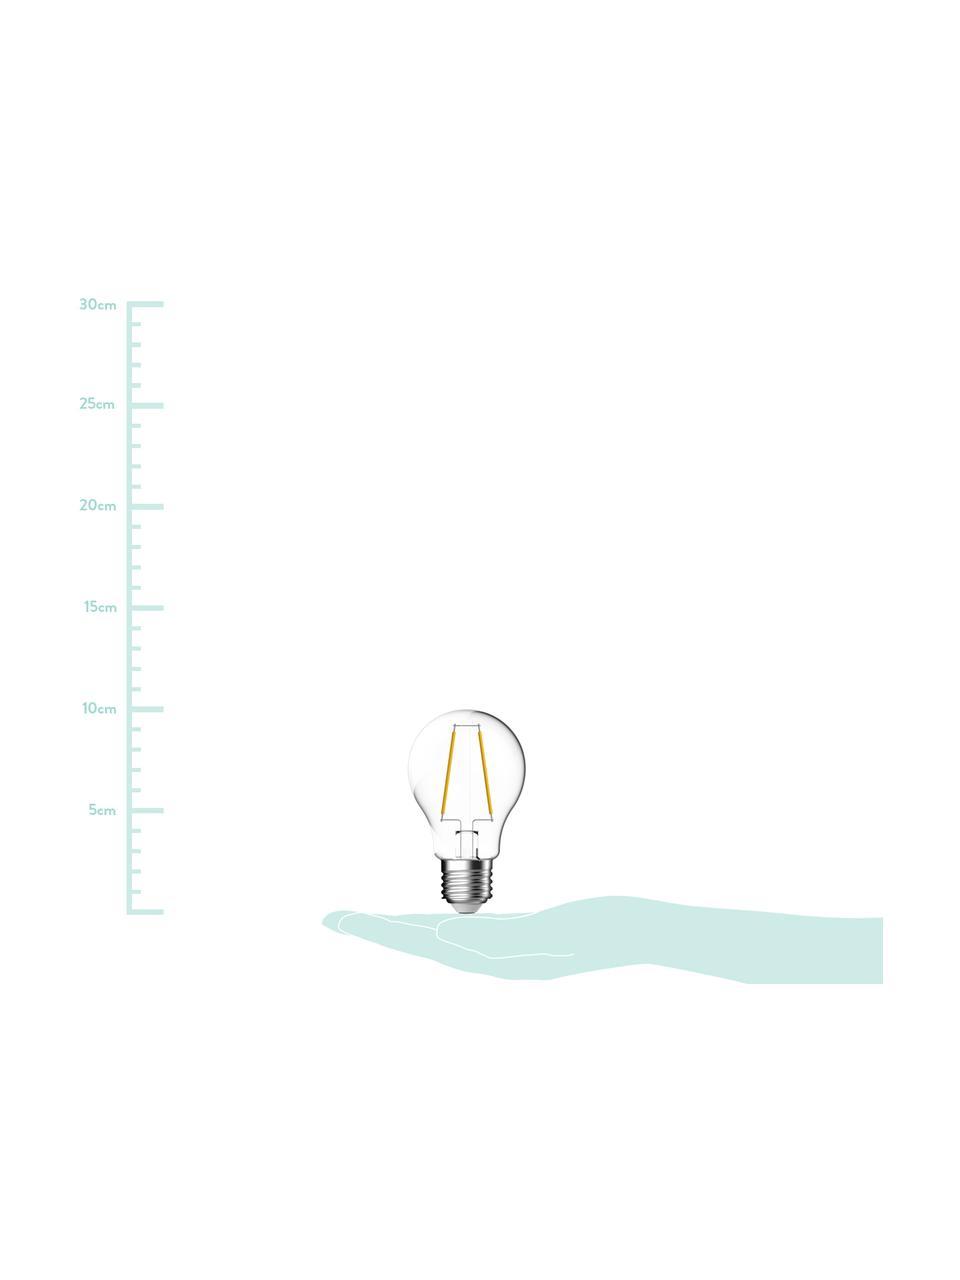 Żarówka Hael E27/4W, ciepła biel, Transparentny, Ø 6 x W 10 cm